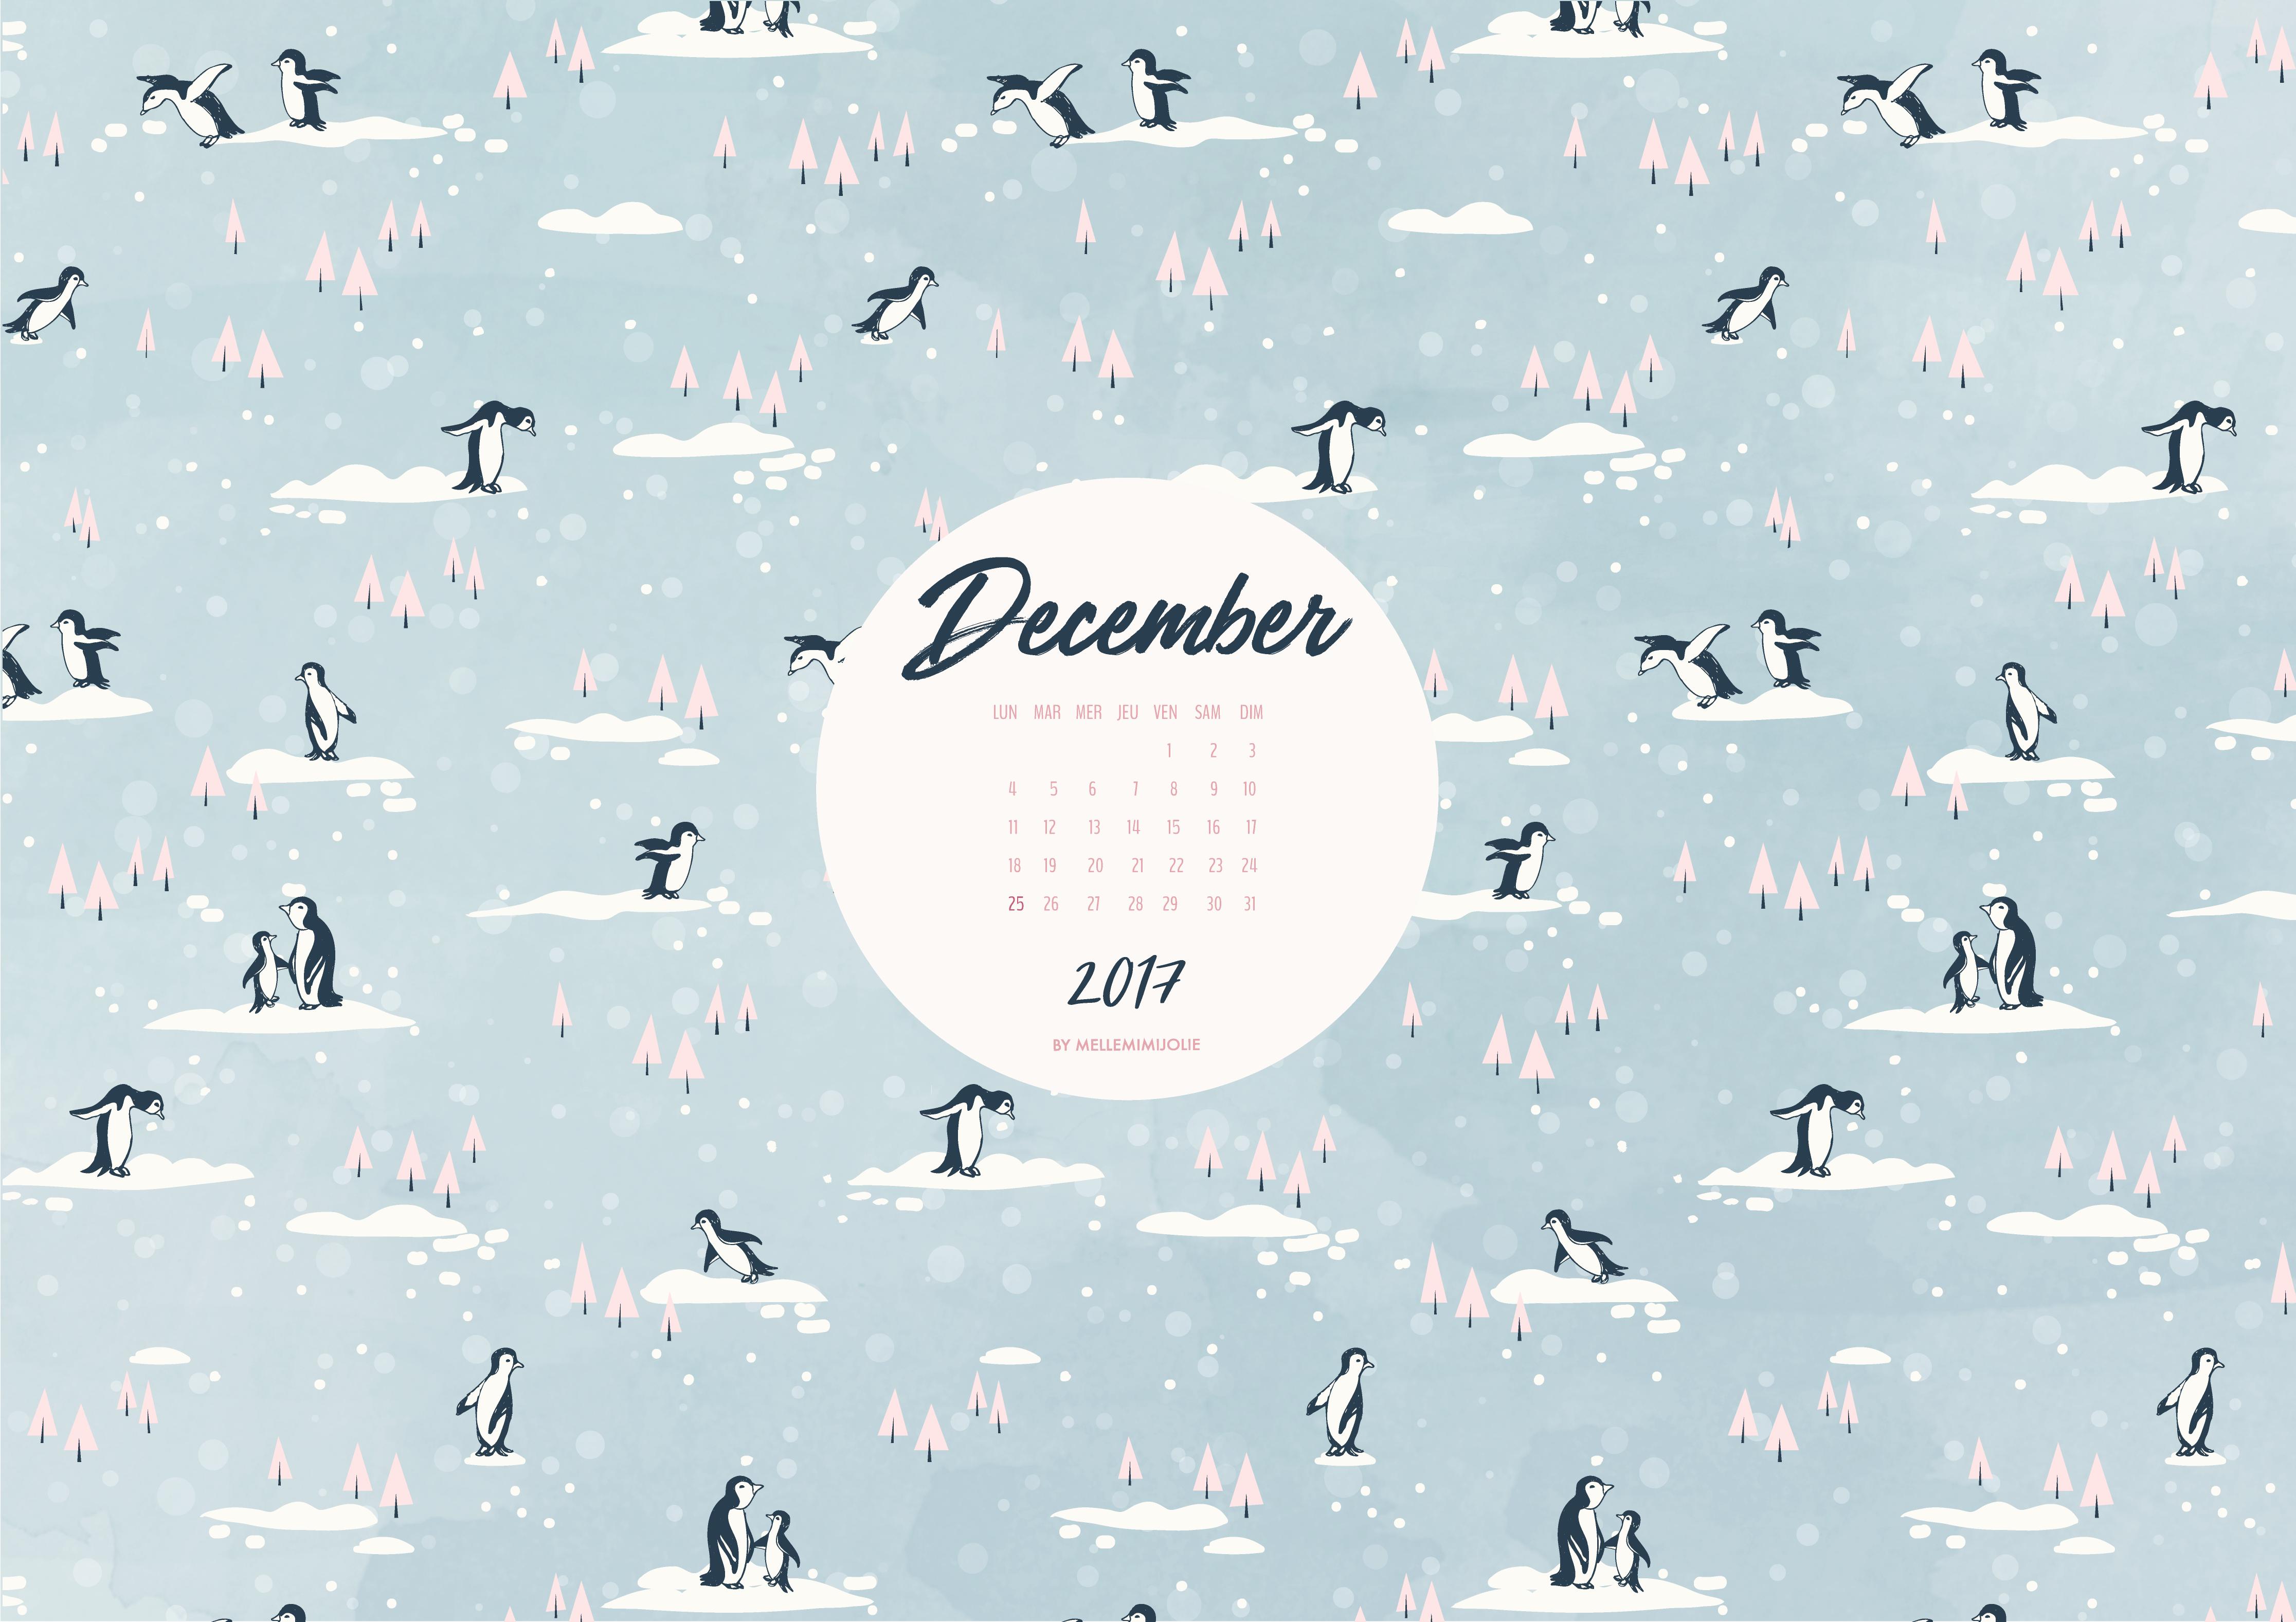 mellemimijolie-pingouins-decembre